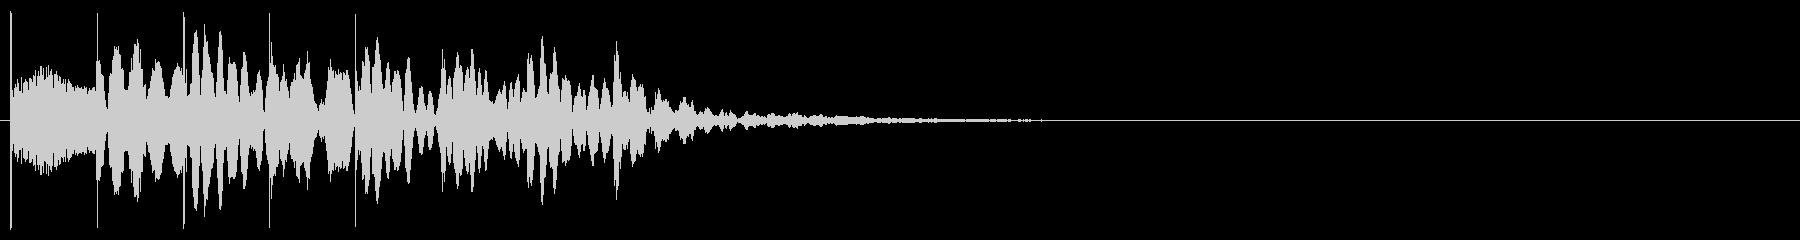 マリンバのワンショットジングルの未再生の波形